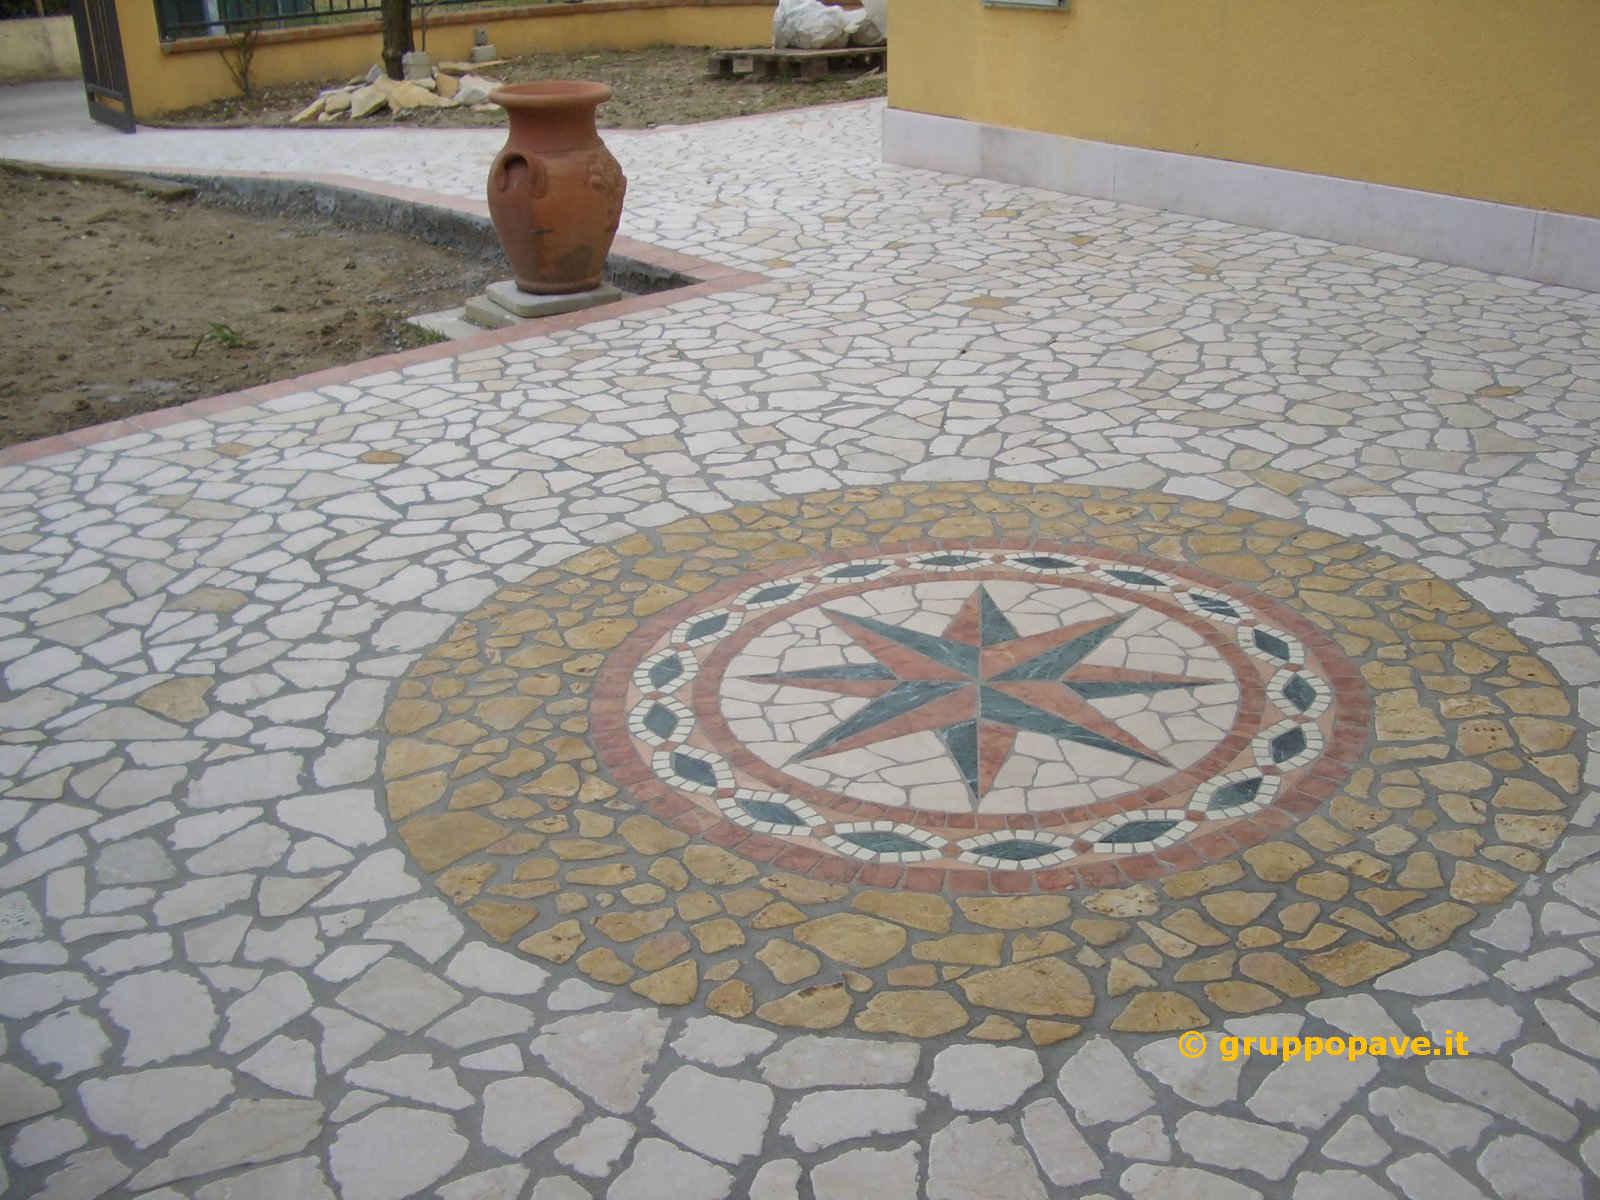 Palladiana in marmo pave pavimentazioni